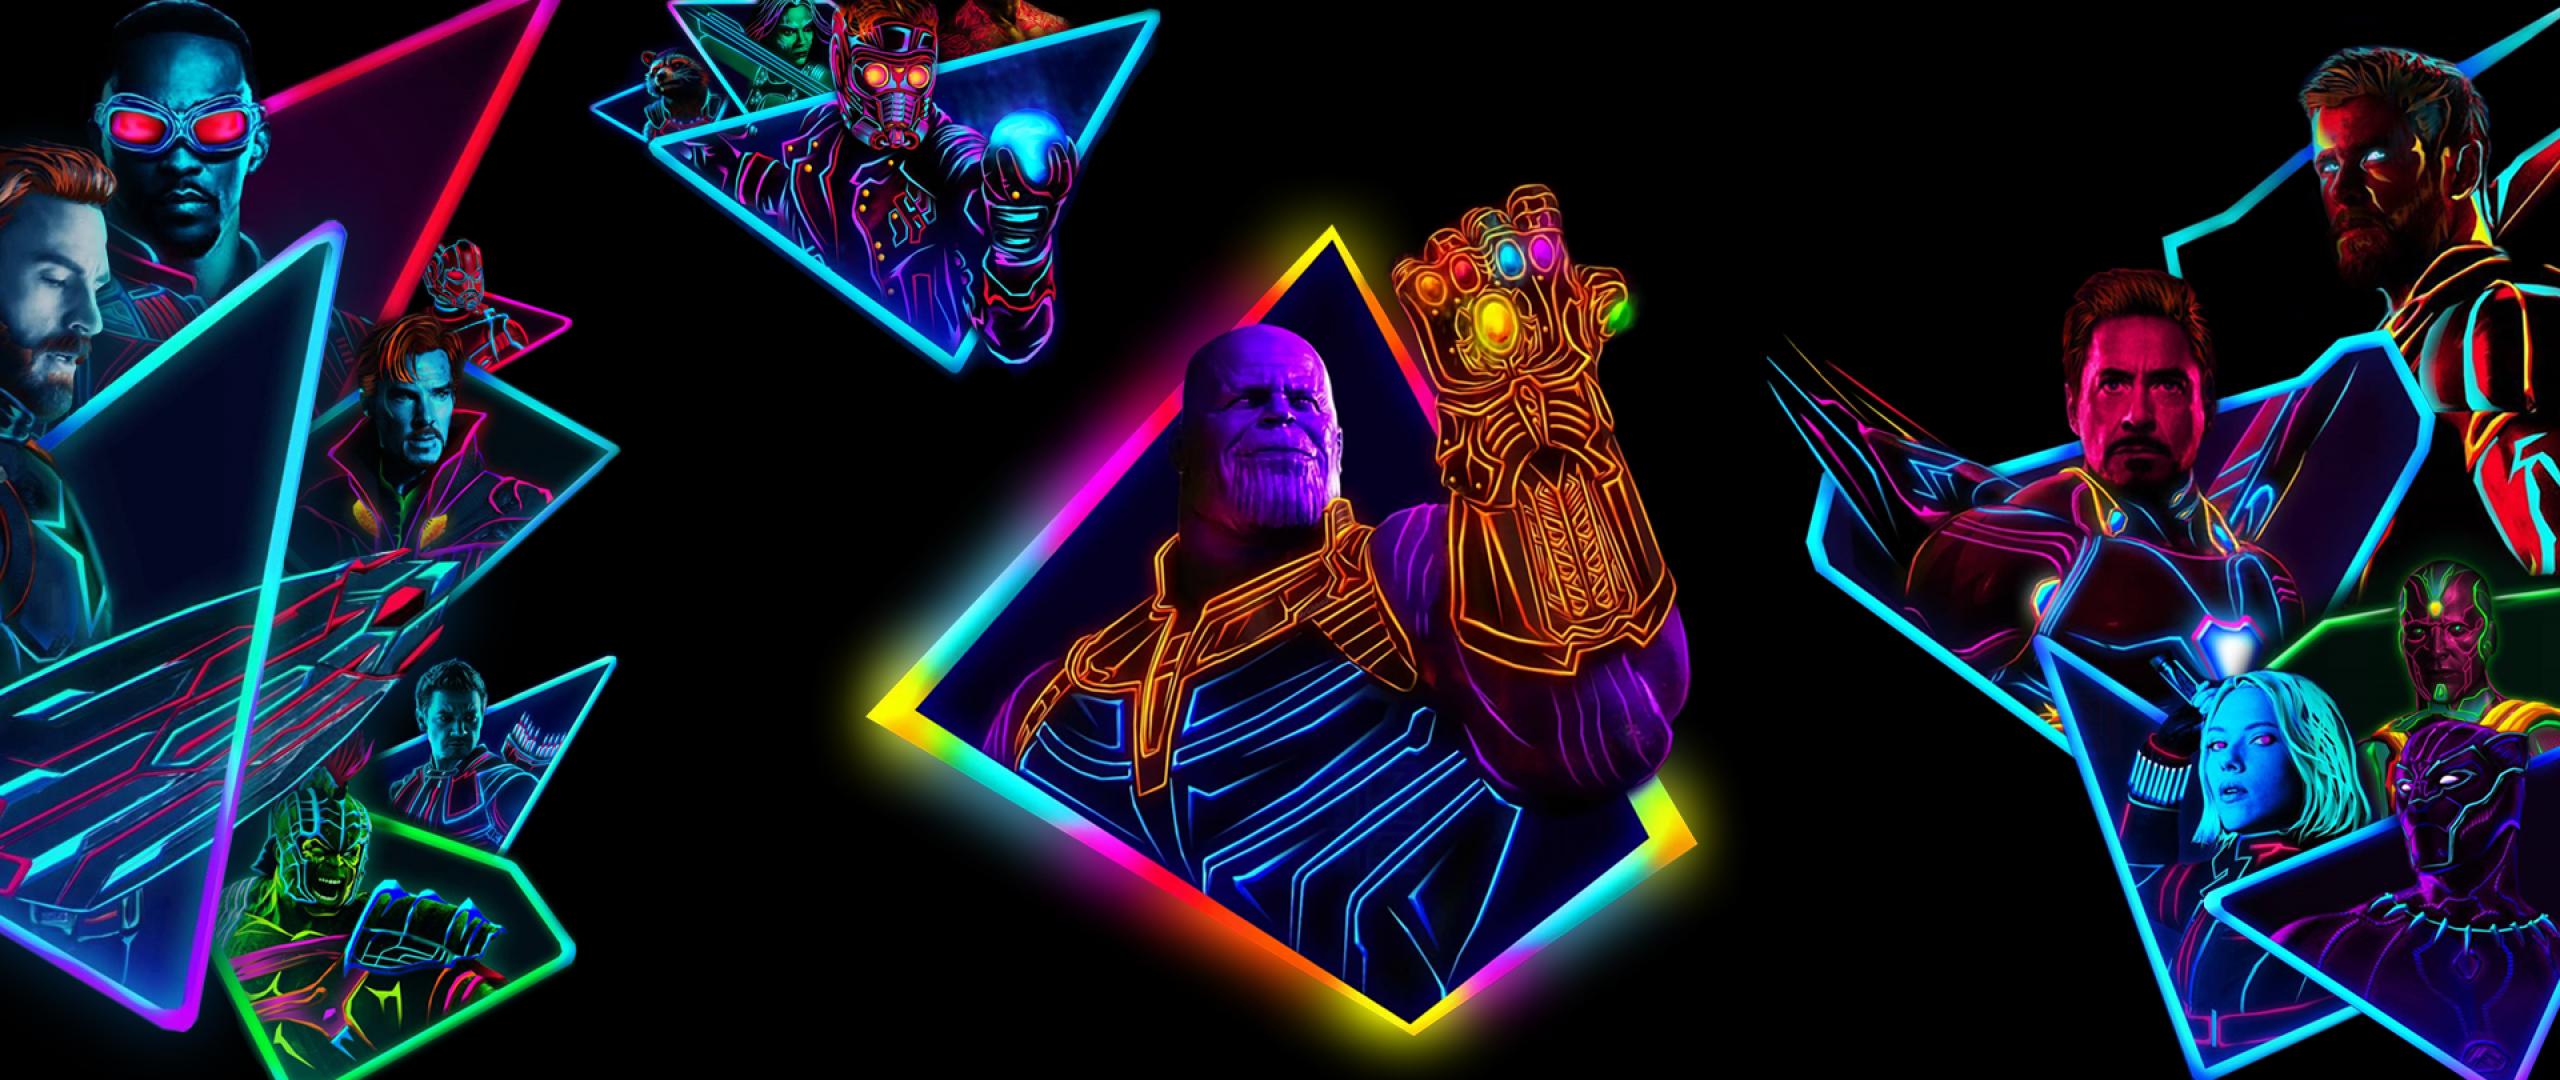 10 New Avengers Infinity War Desktop Wallpaper Full Hd: Avengers Infinity War 80s Neon Style Art, Full HD Wallpaper